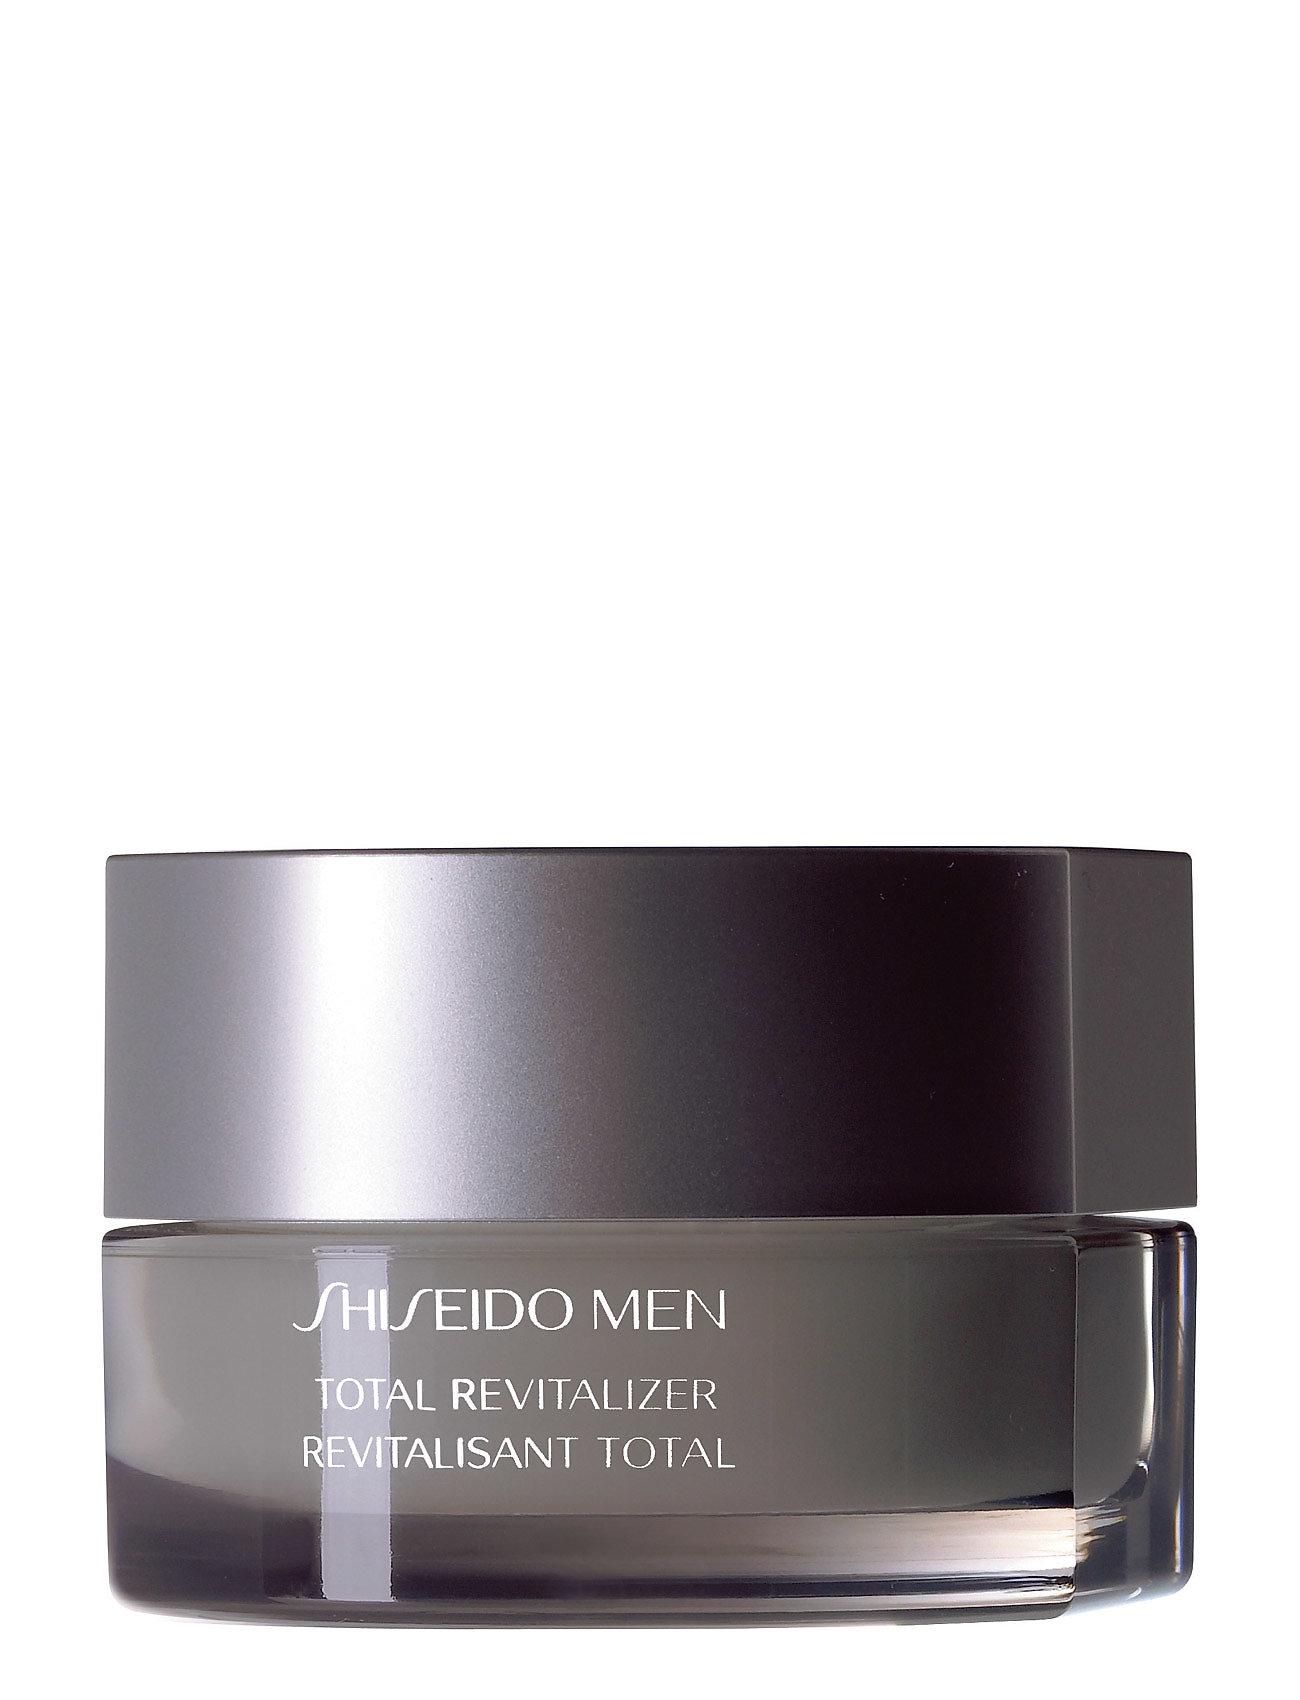 Shiseido men total revitalizer fra shiseido på boozt.com dk